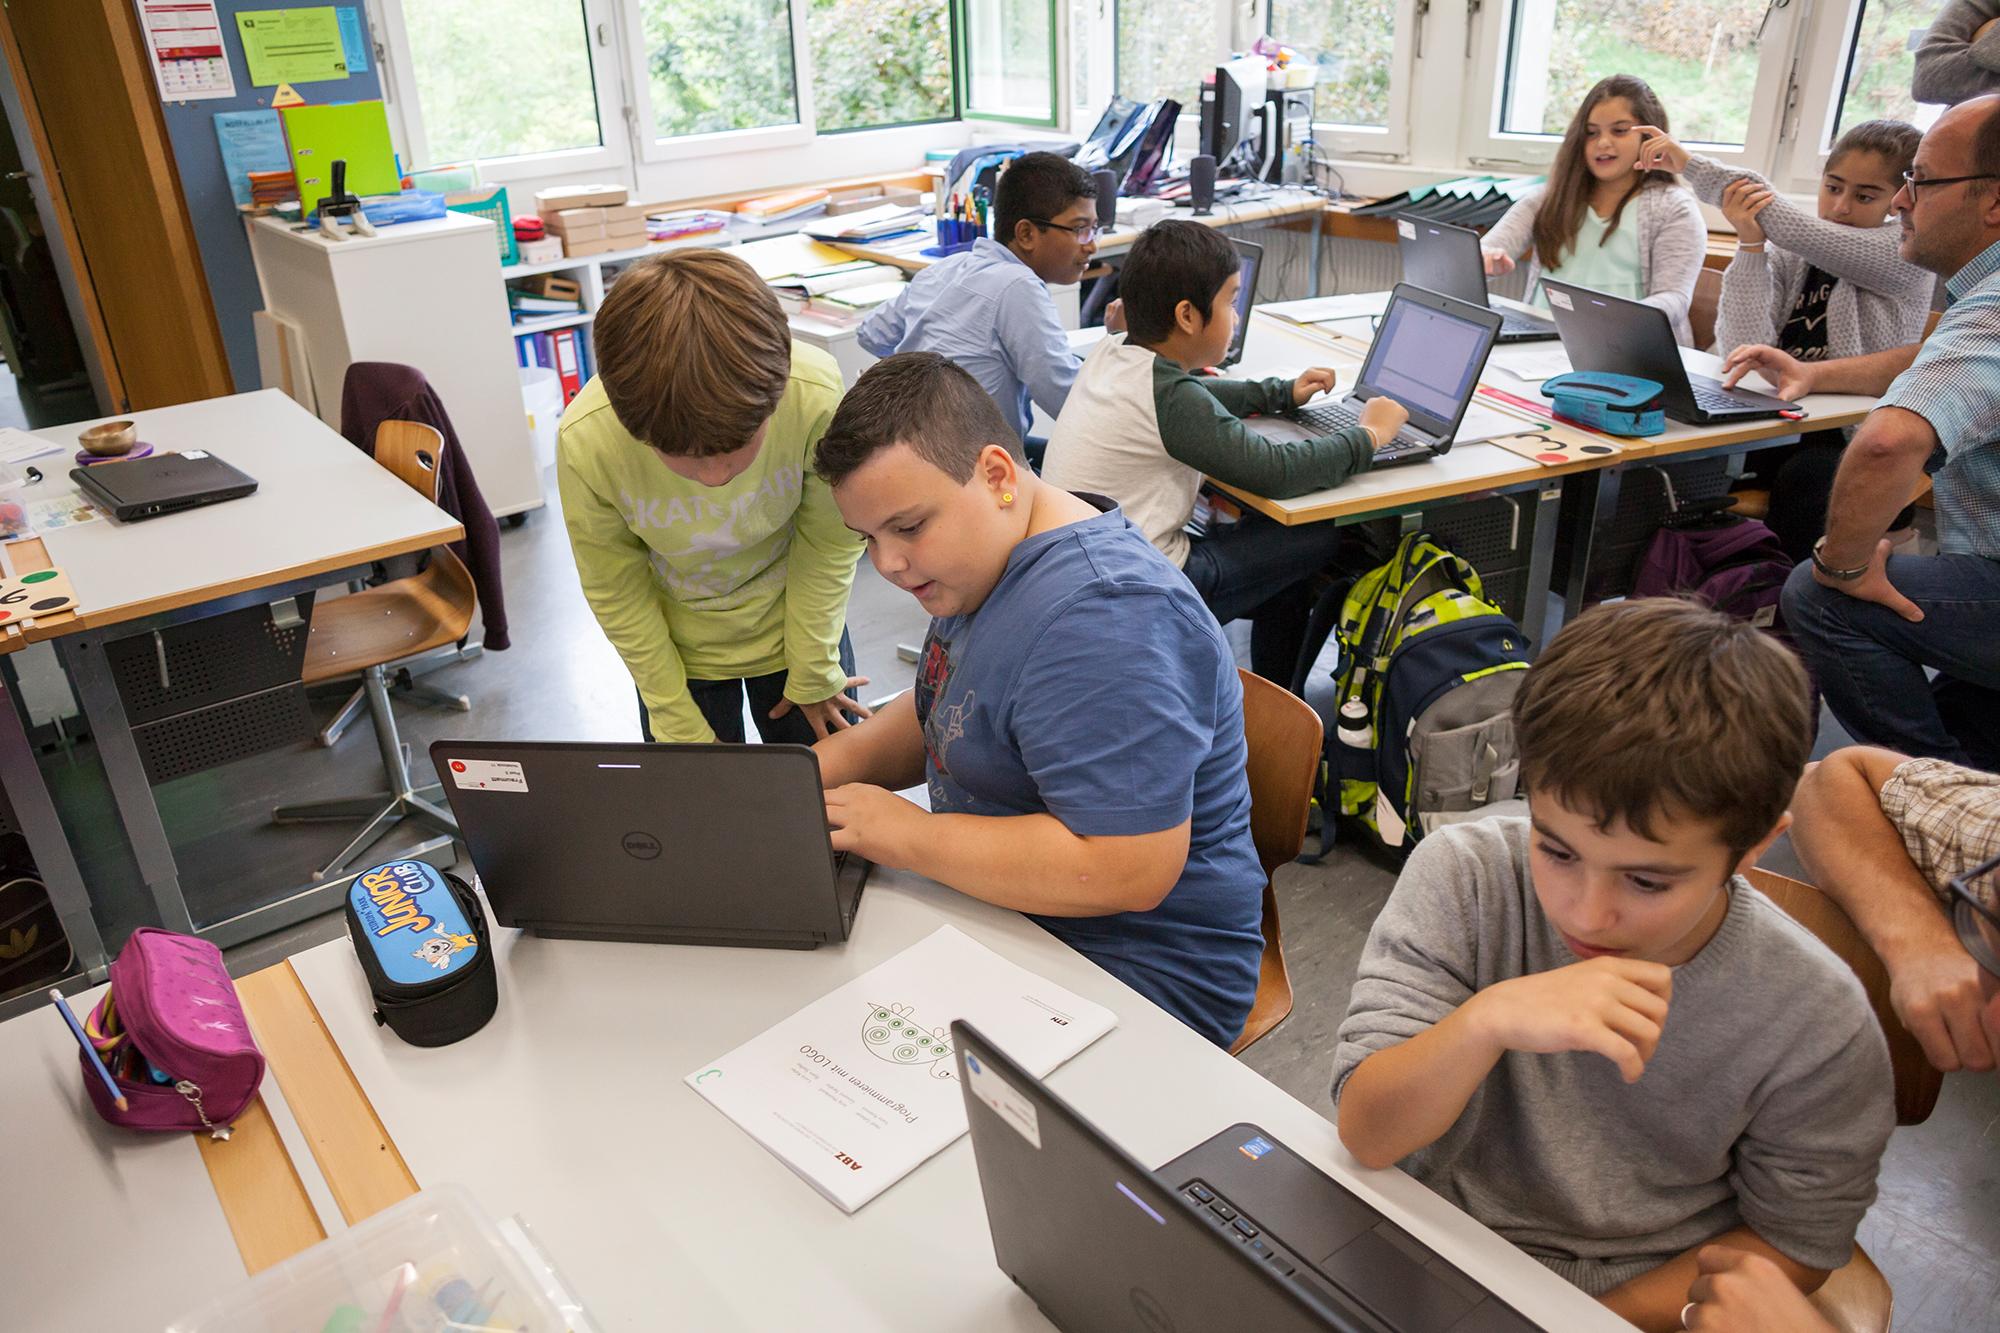 Die Schülerinnen und Schüler arbeiten eng zusammen: Man hilft einander und tauscht sich aus.